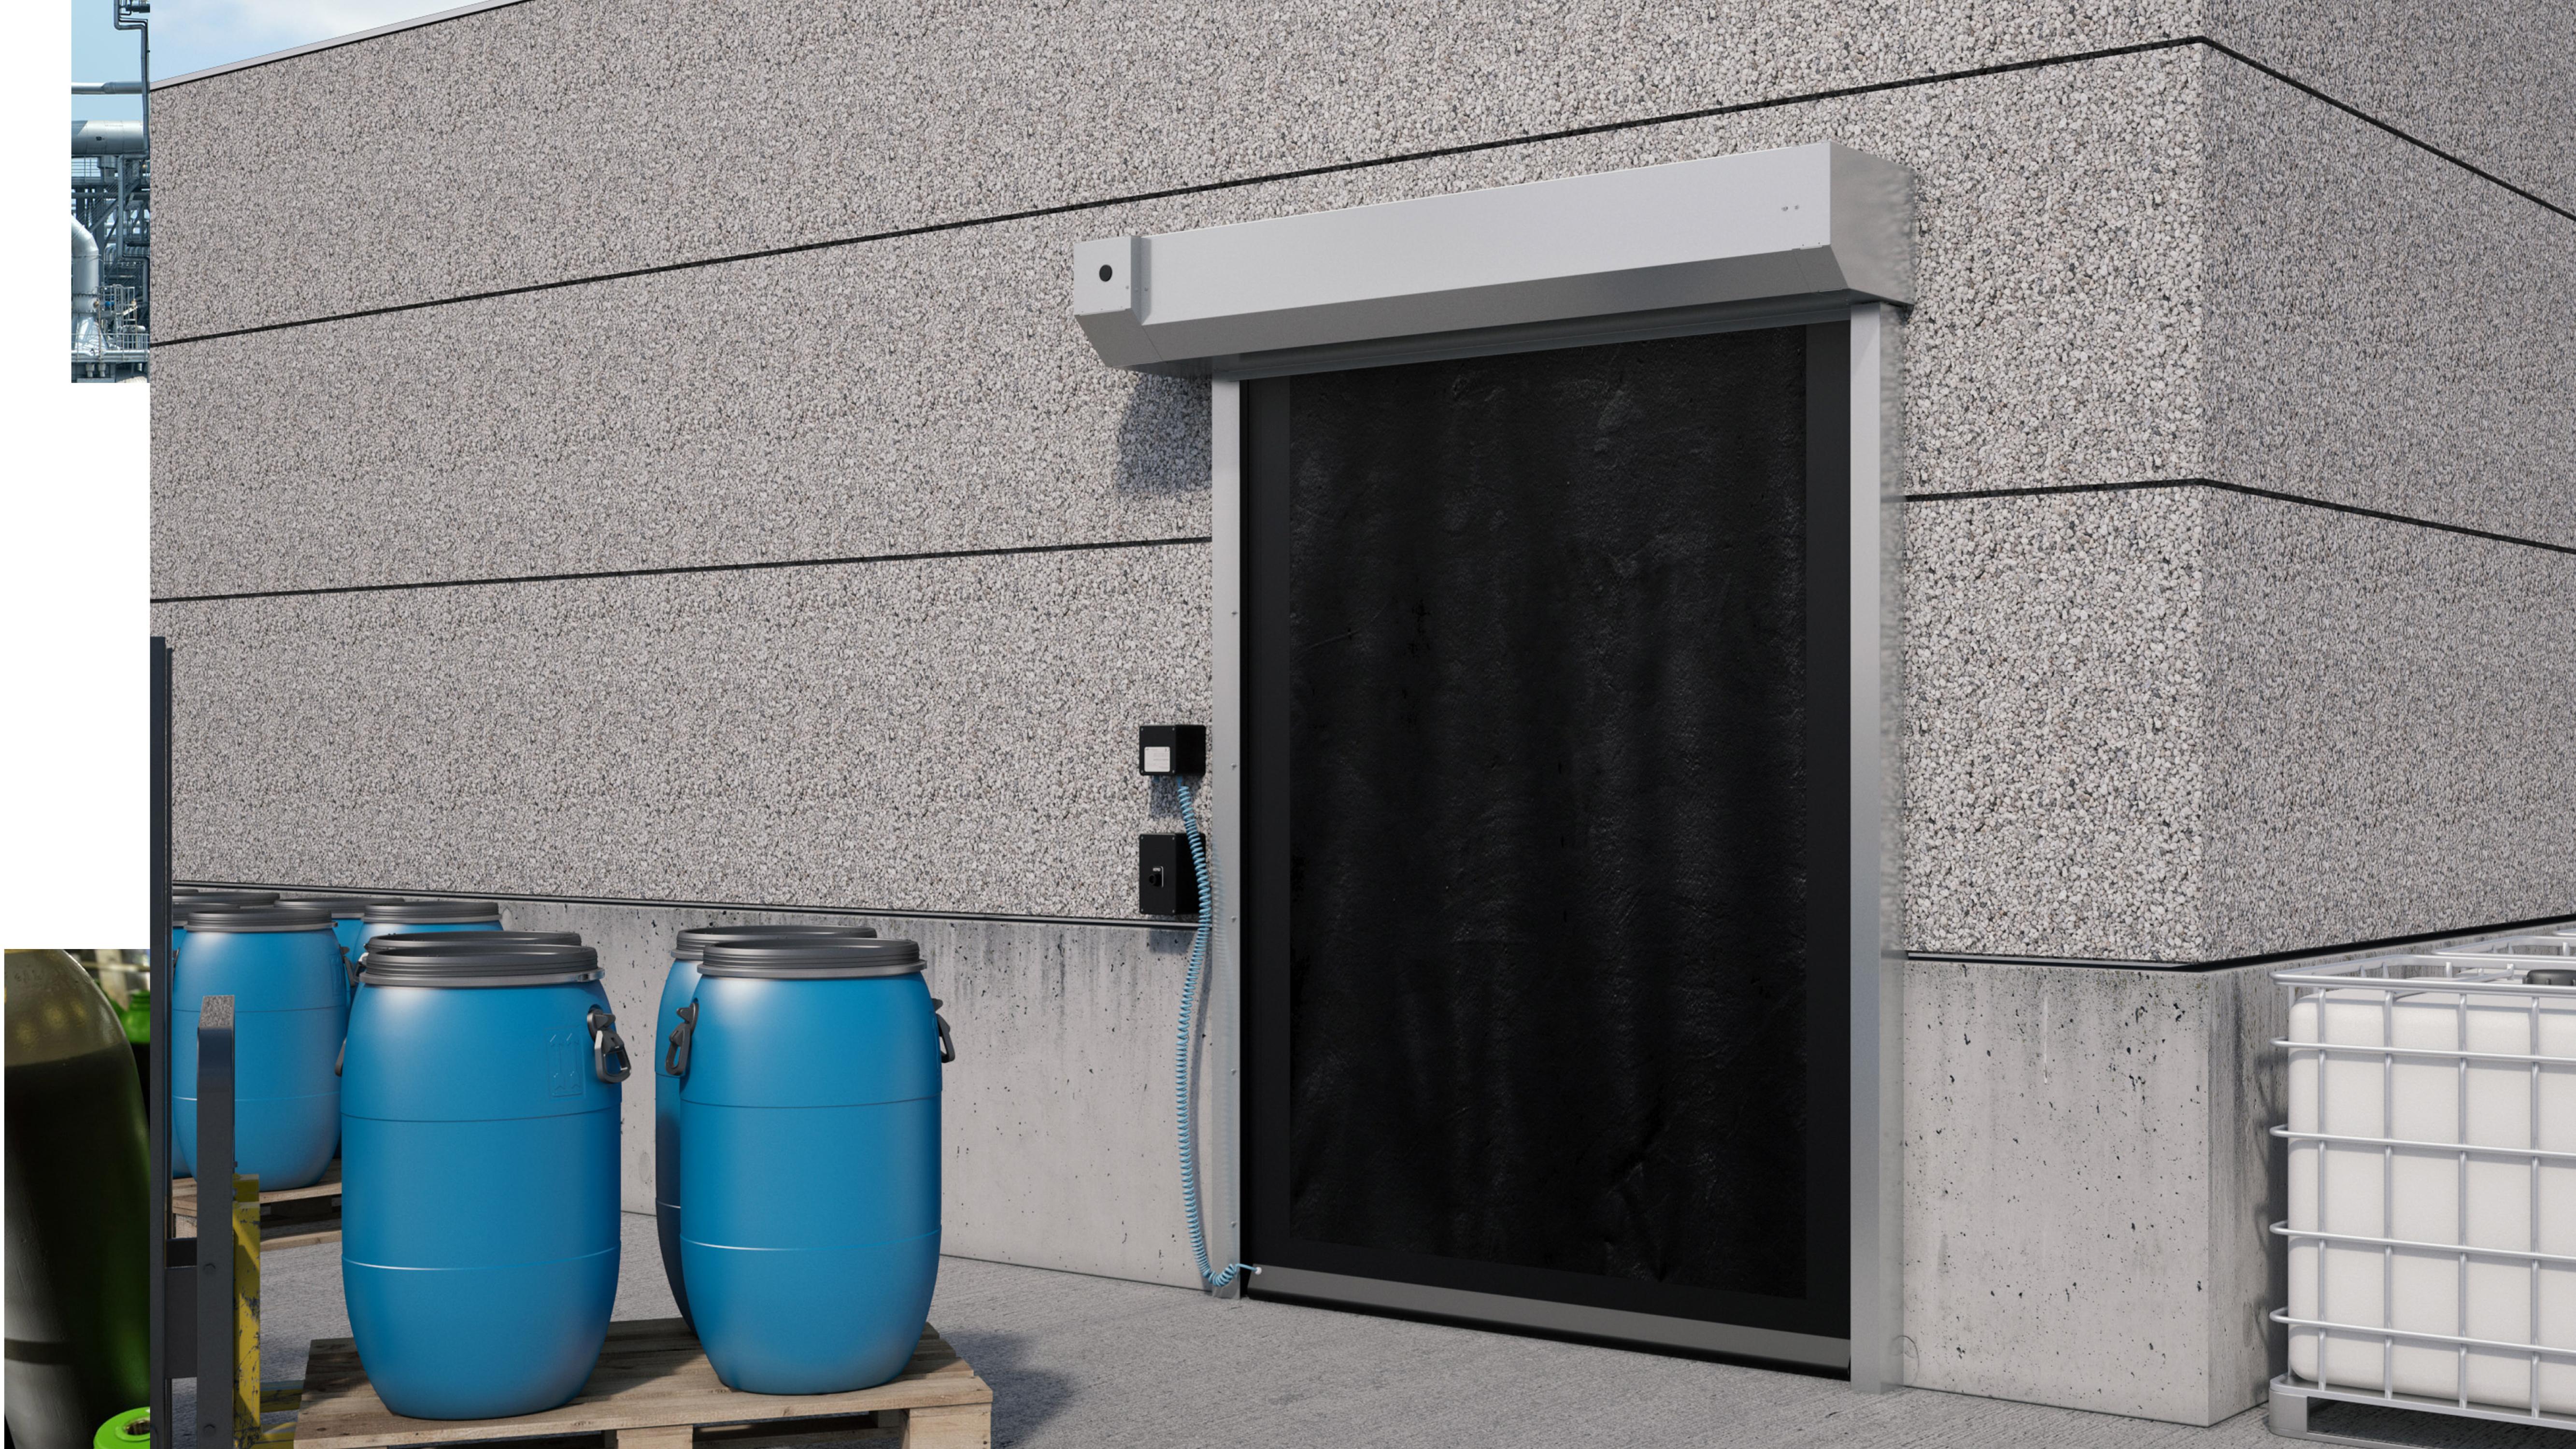 Effiziente und sichere Eingangslösungen: Mit ATEX-Toren Kosten senken & Sicherheit erhöhen